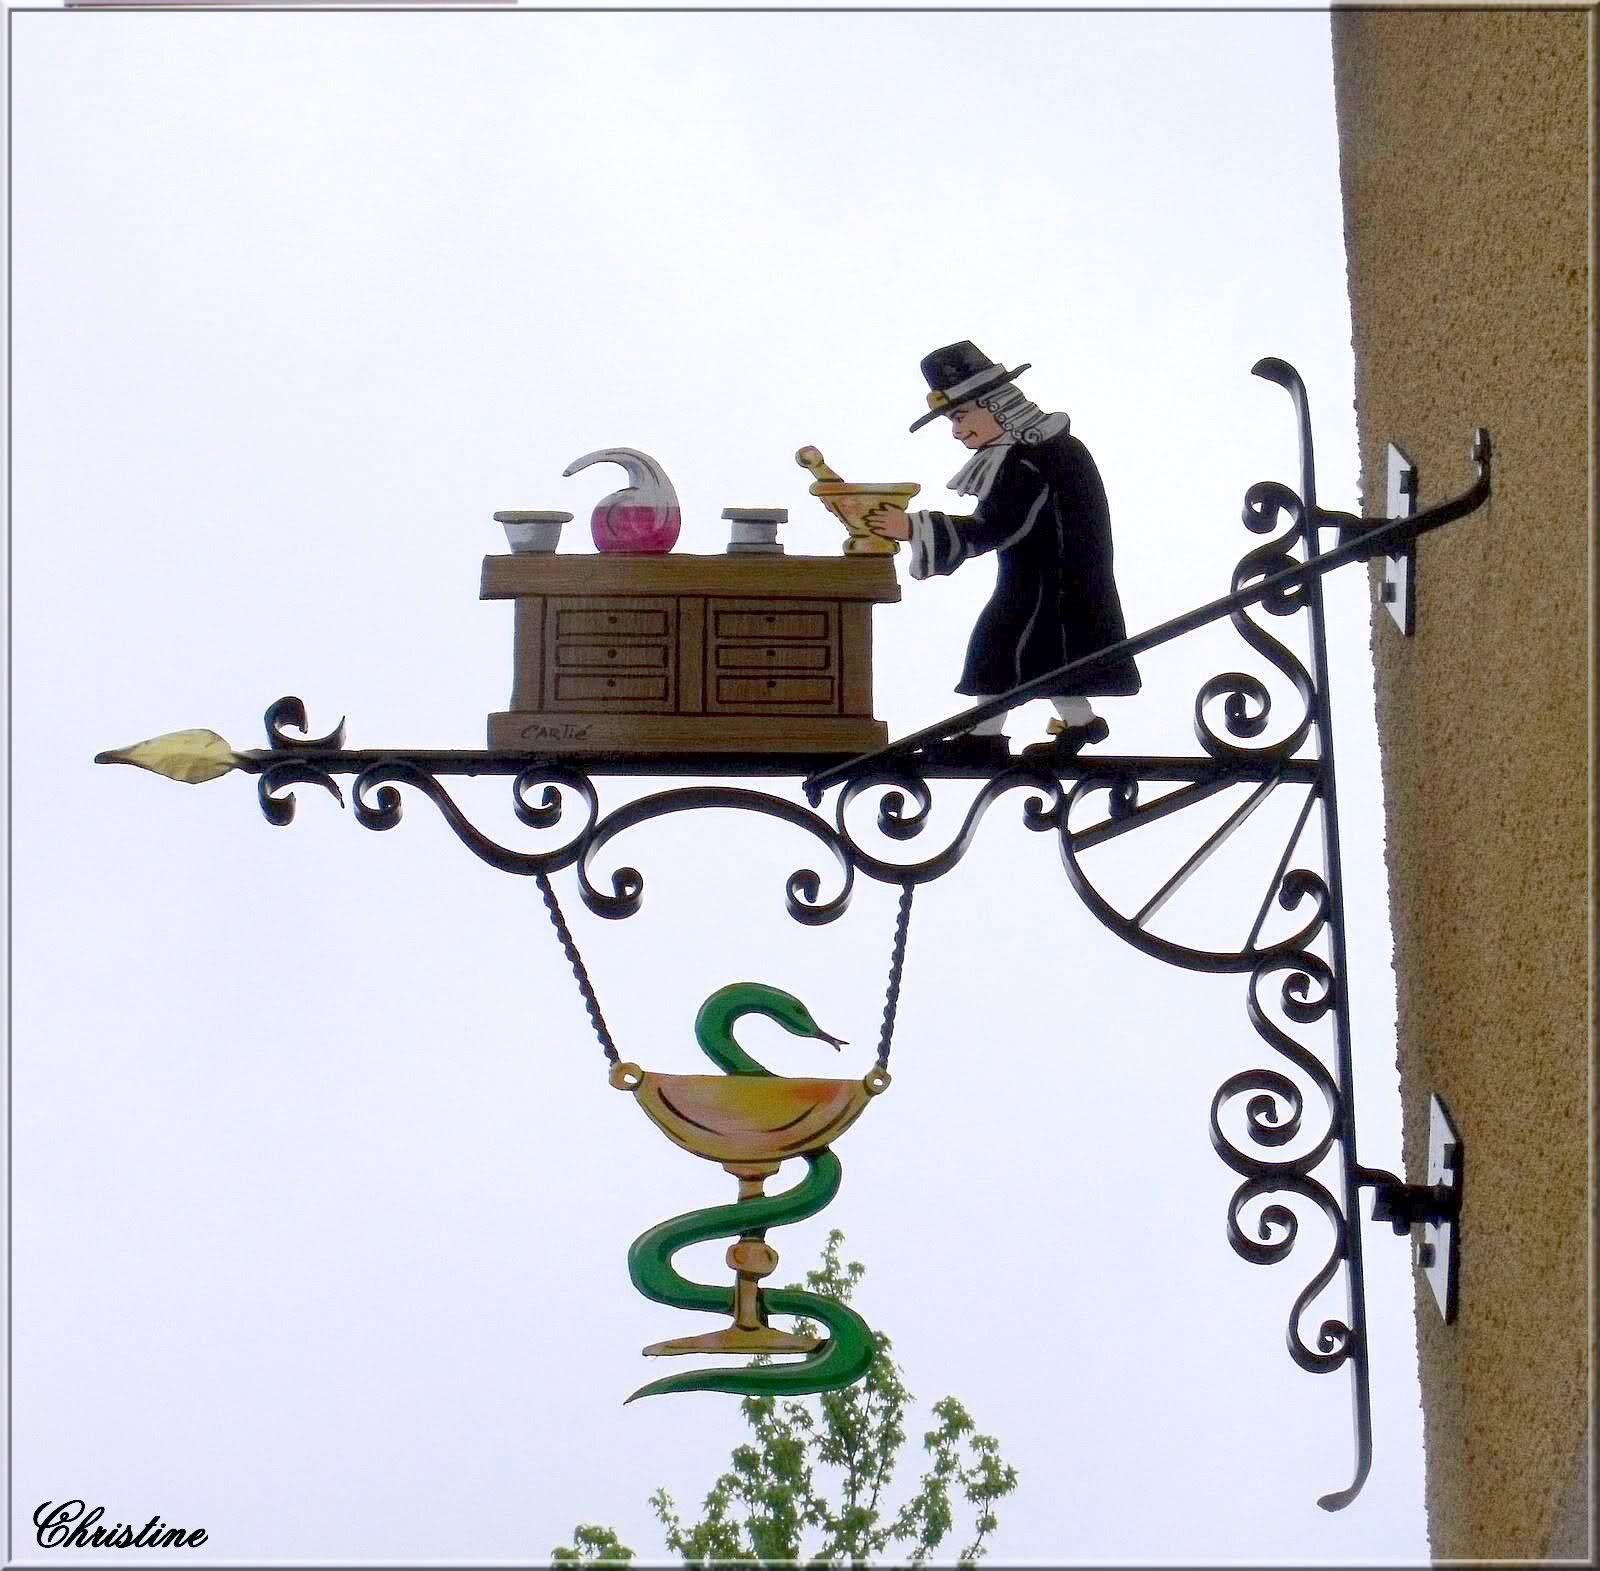 Enseigne Chez l apothicaire Estrablin France